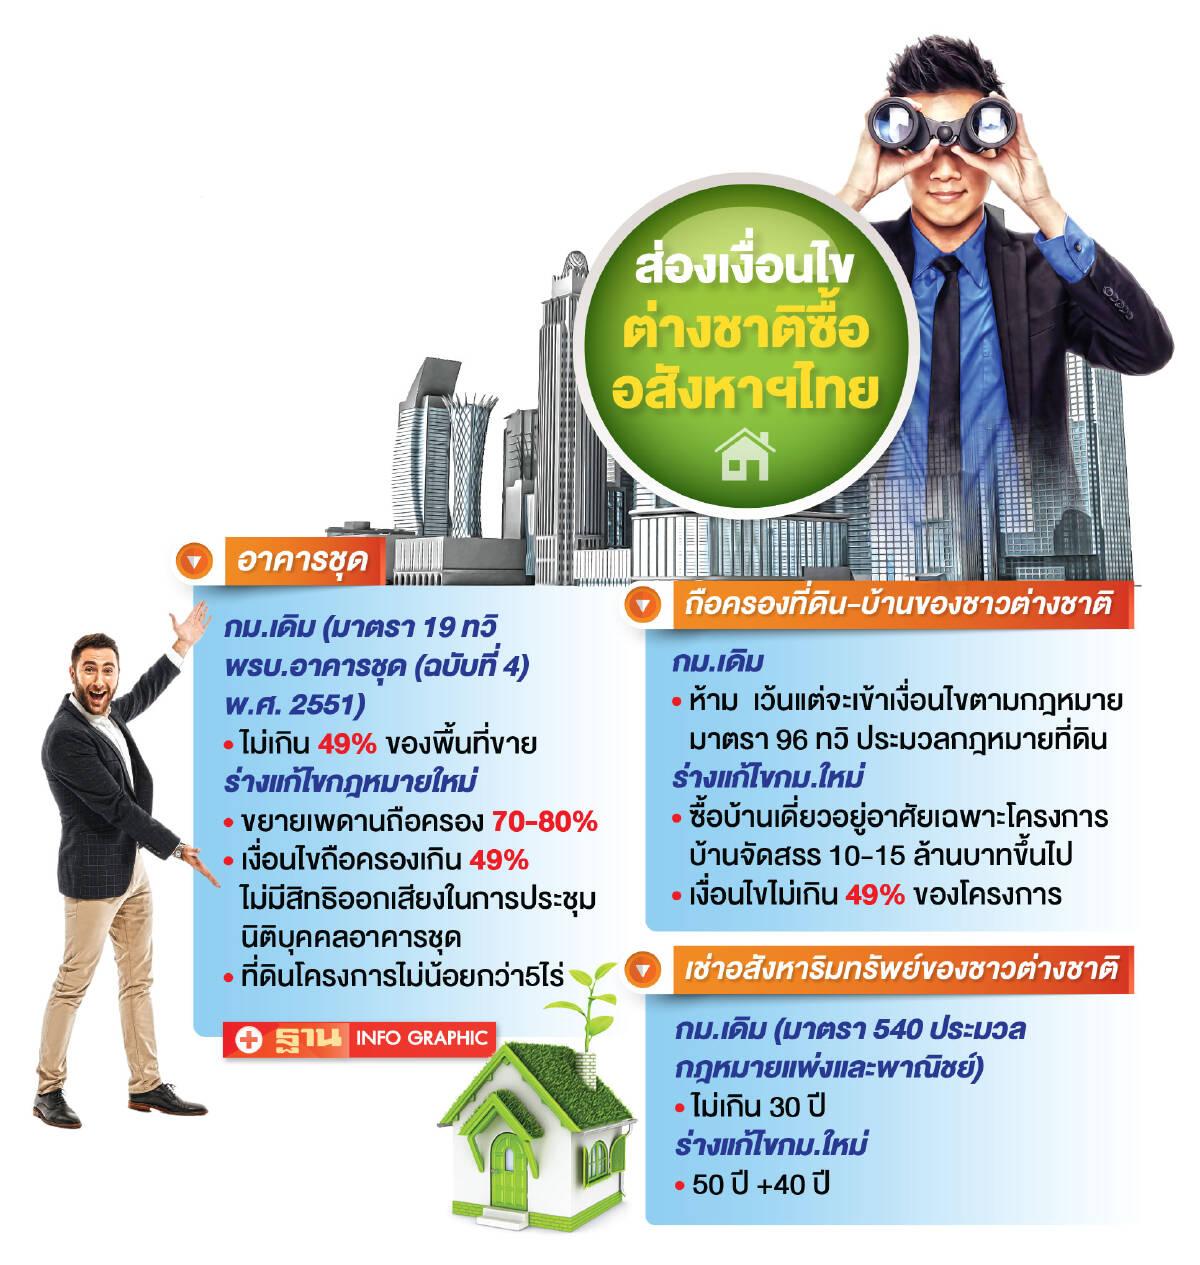 ความหวังเอกชน...ขยายเพดานดึงต่างชาติ ซื้ออสังหาฯไทย